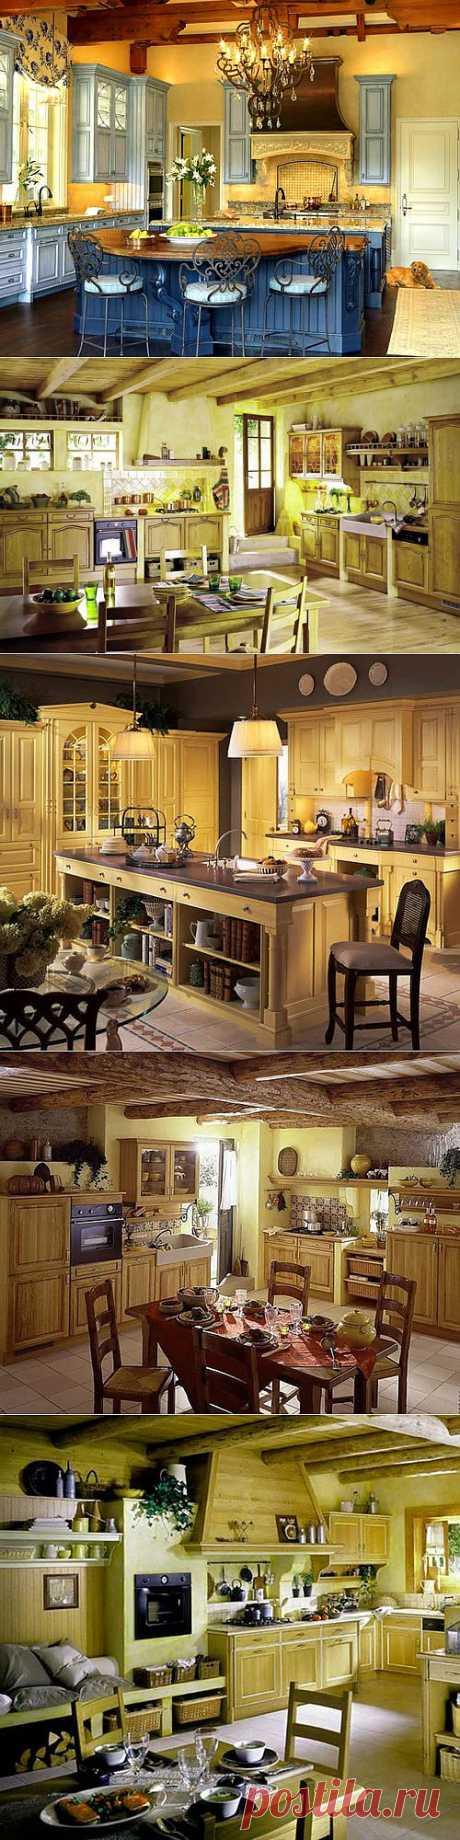 Кухни в стиле прованс. | Наш уютный дом